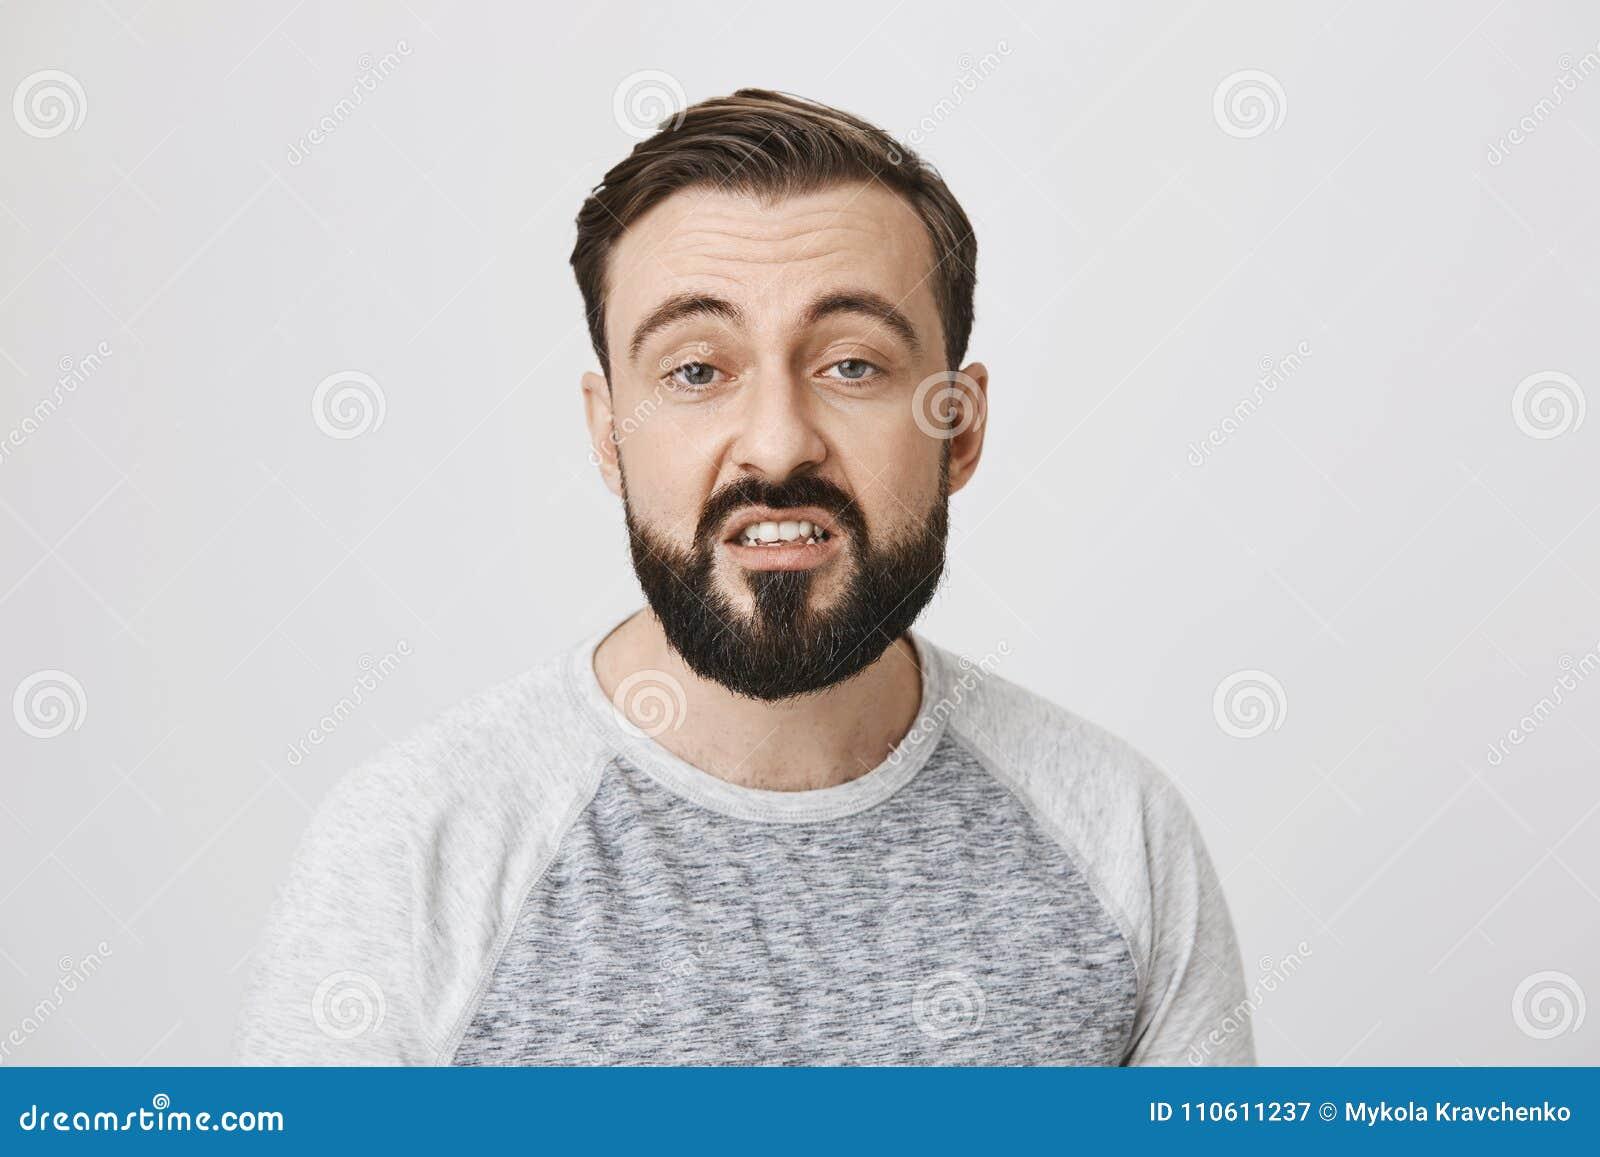 Портрет бородатого европейского человека выражая отвращение с раскрытым ртом и поданным вверх выражением, стоя над серым цветом